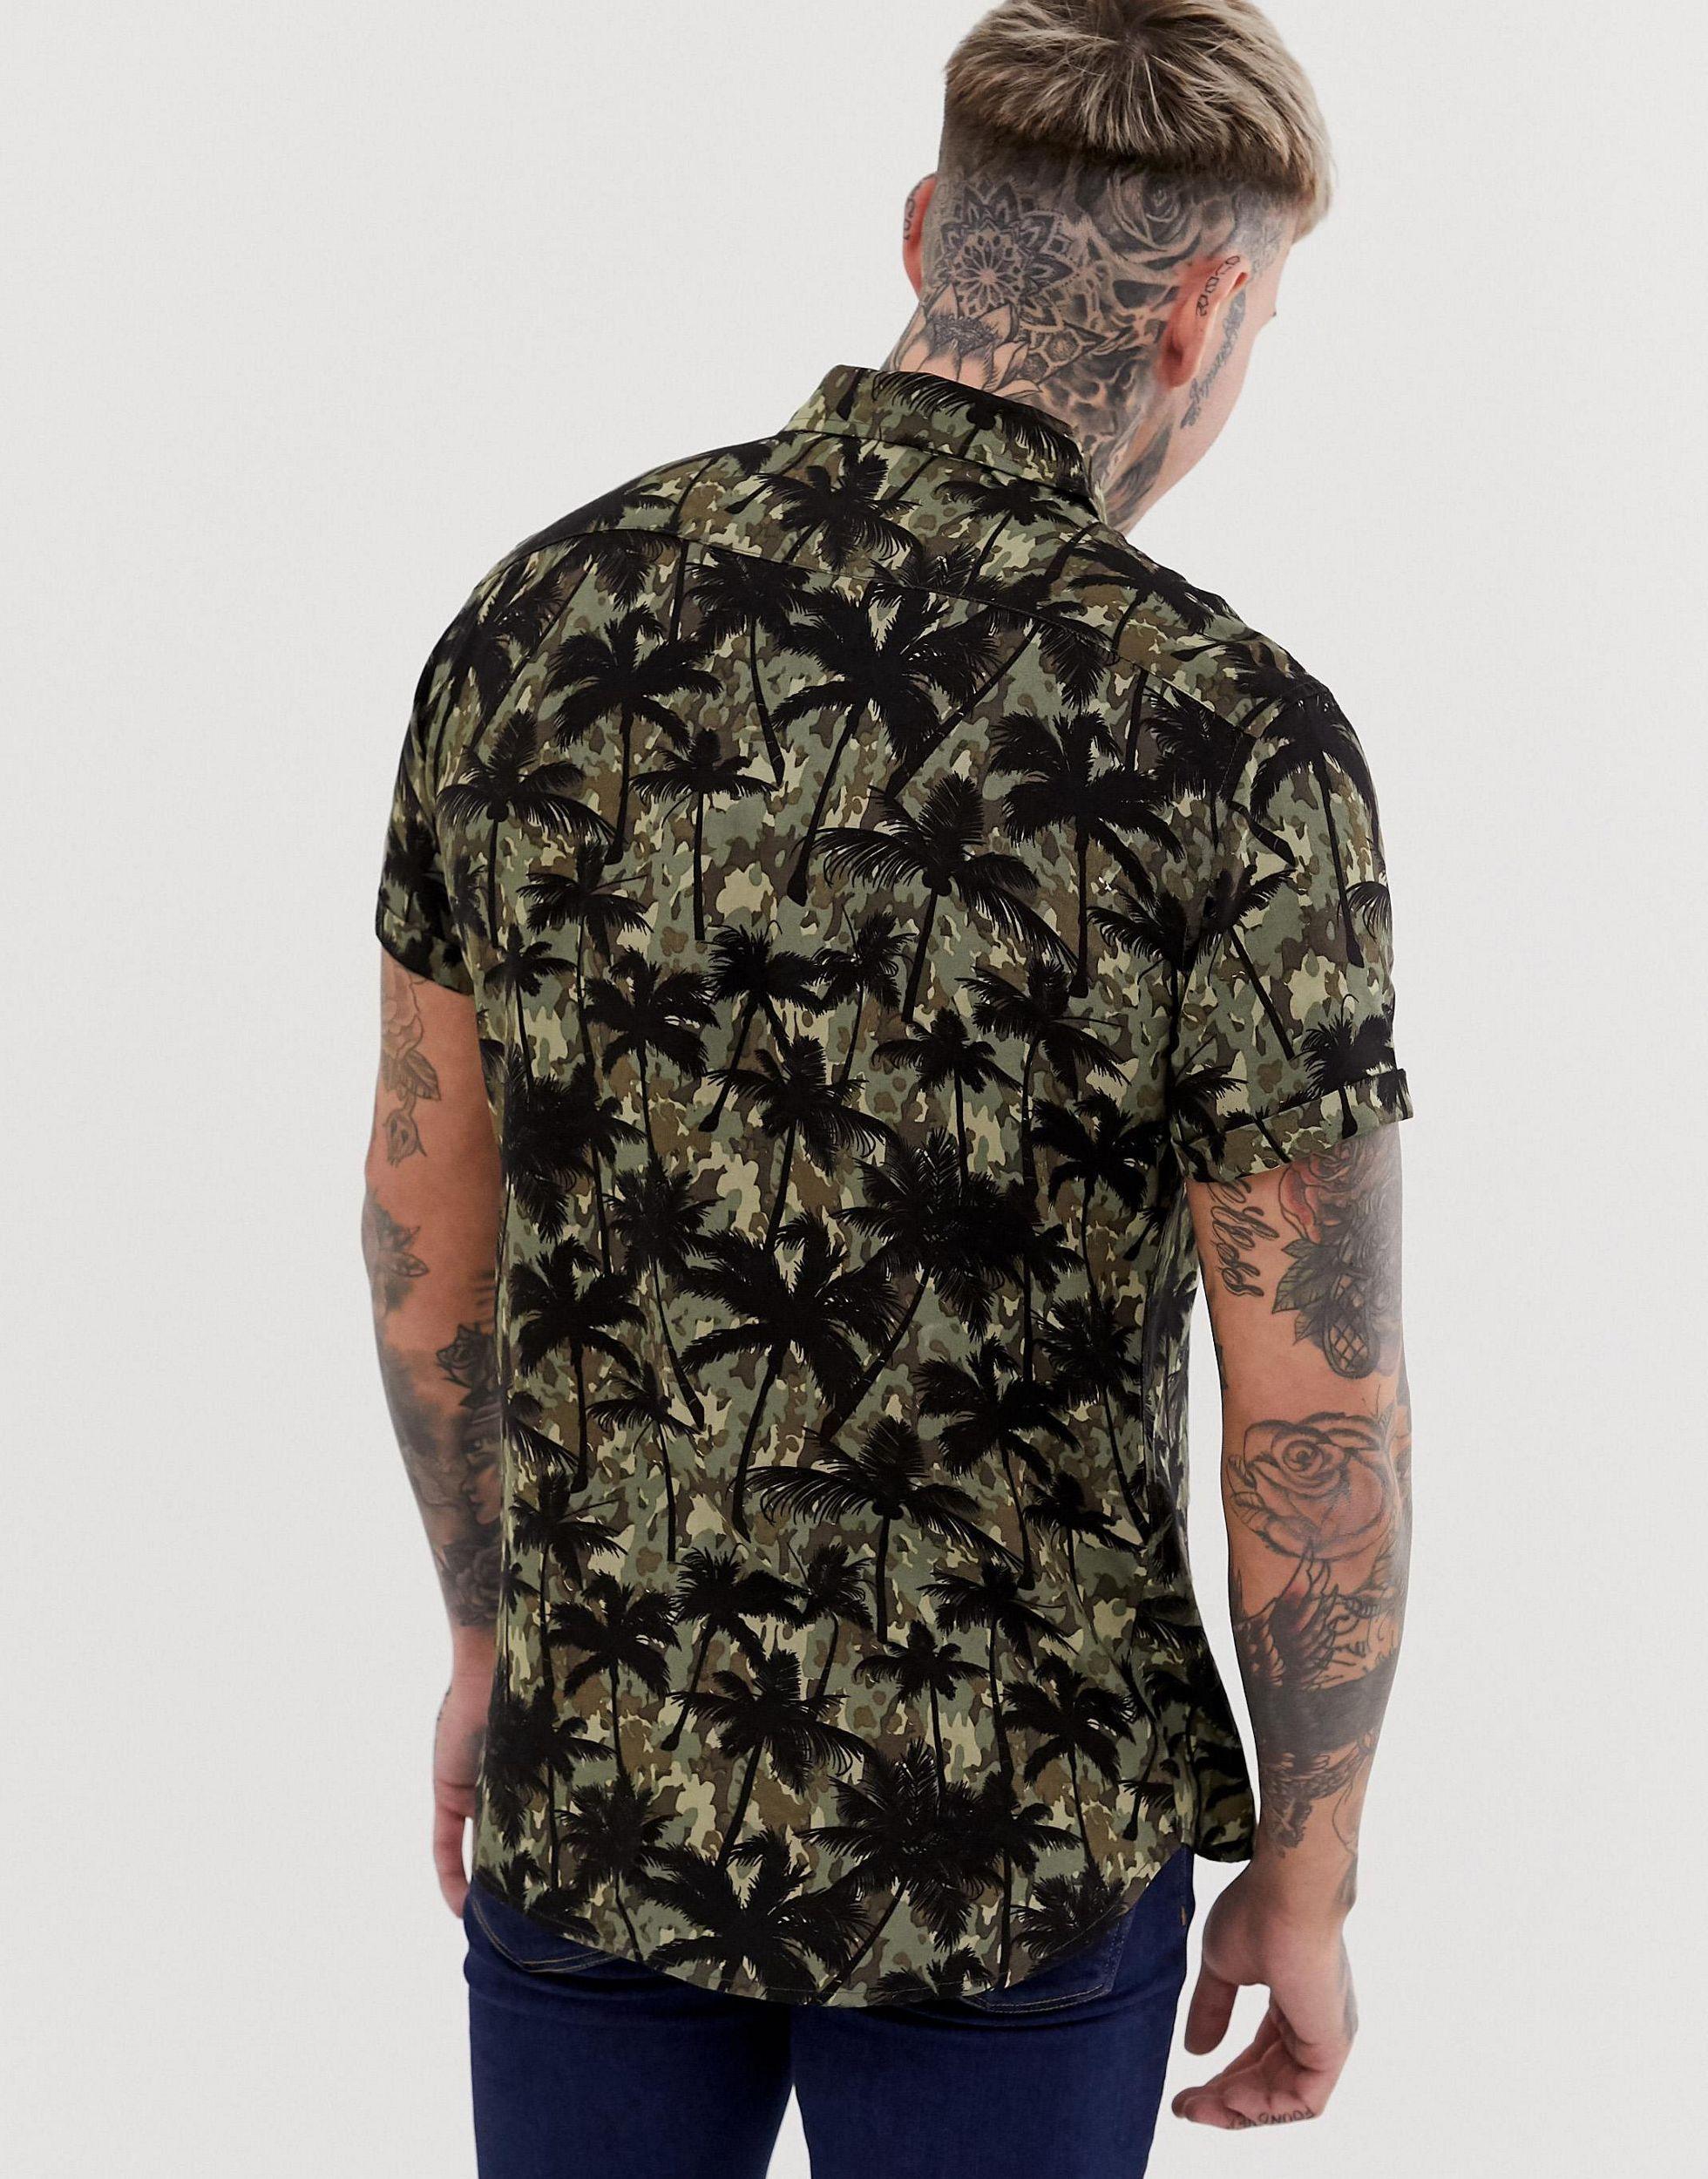 Blend Denim Overhemd Met Korte Mouwen, Camouflage- En Palmbomenprint in het Groen voor heren